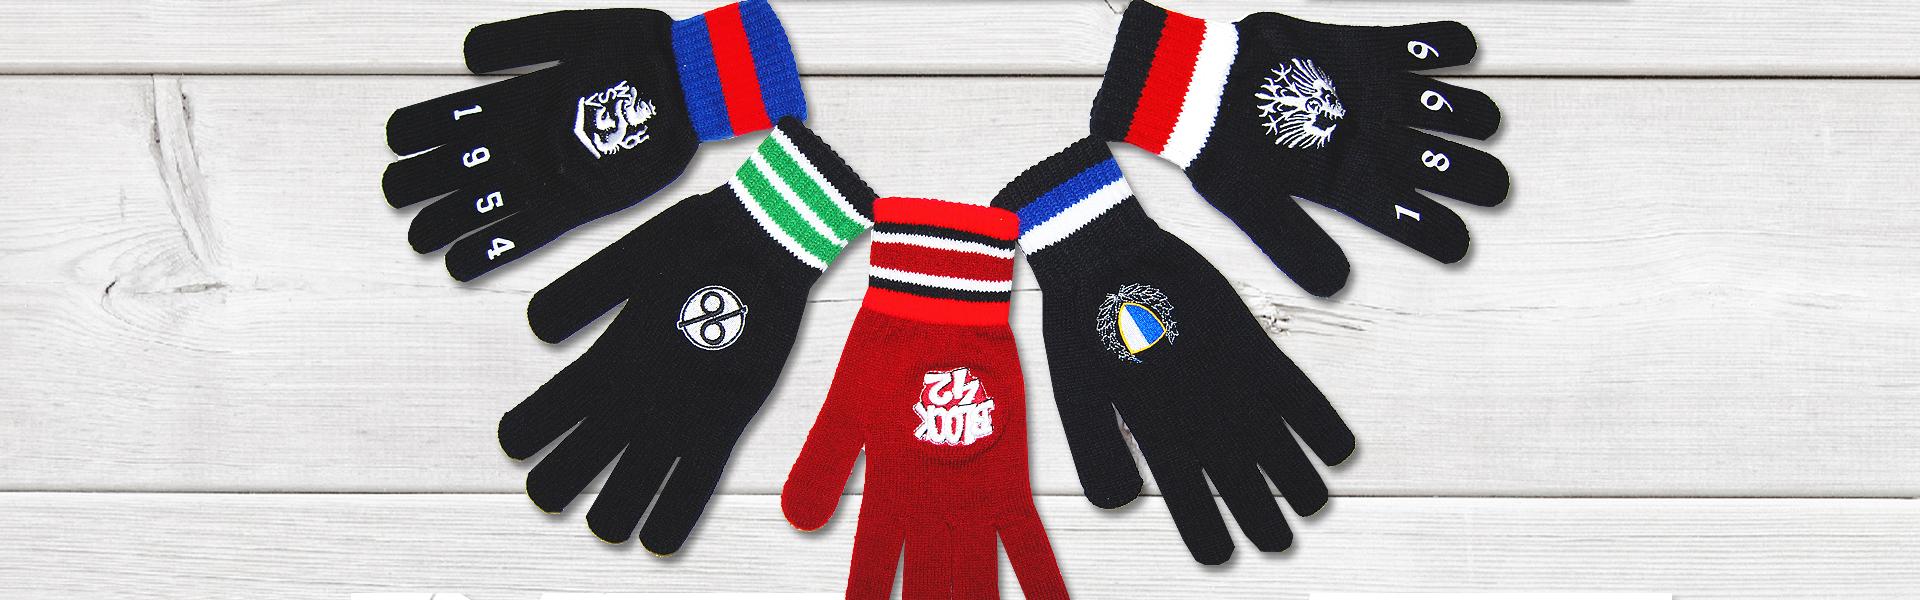 slide-handschuhe01a